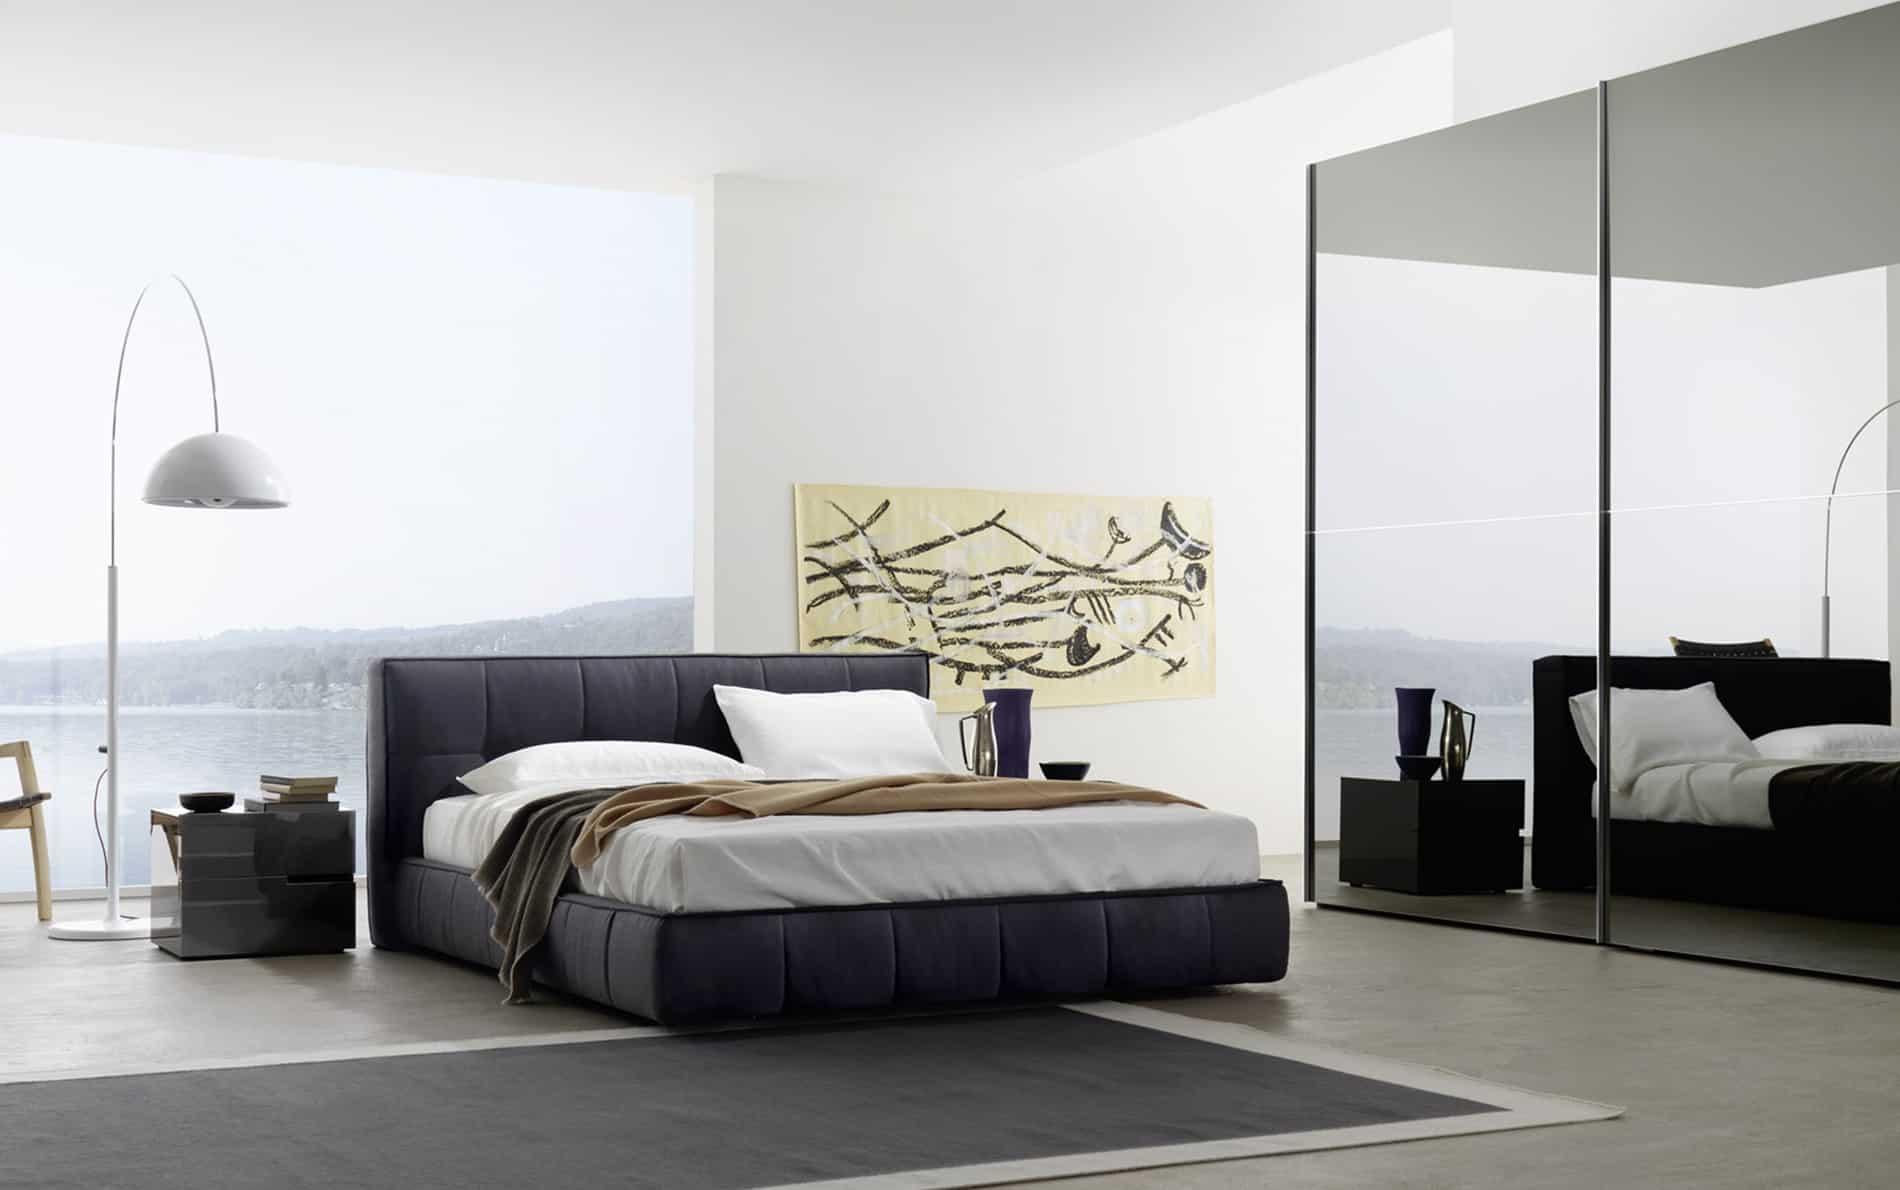 Polsterbetten designer polsterbetten bei wohnstation - Prezzo camera da letto ...